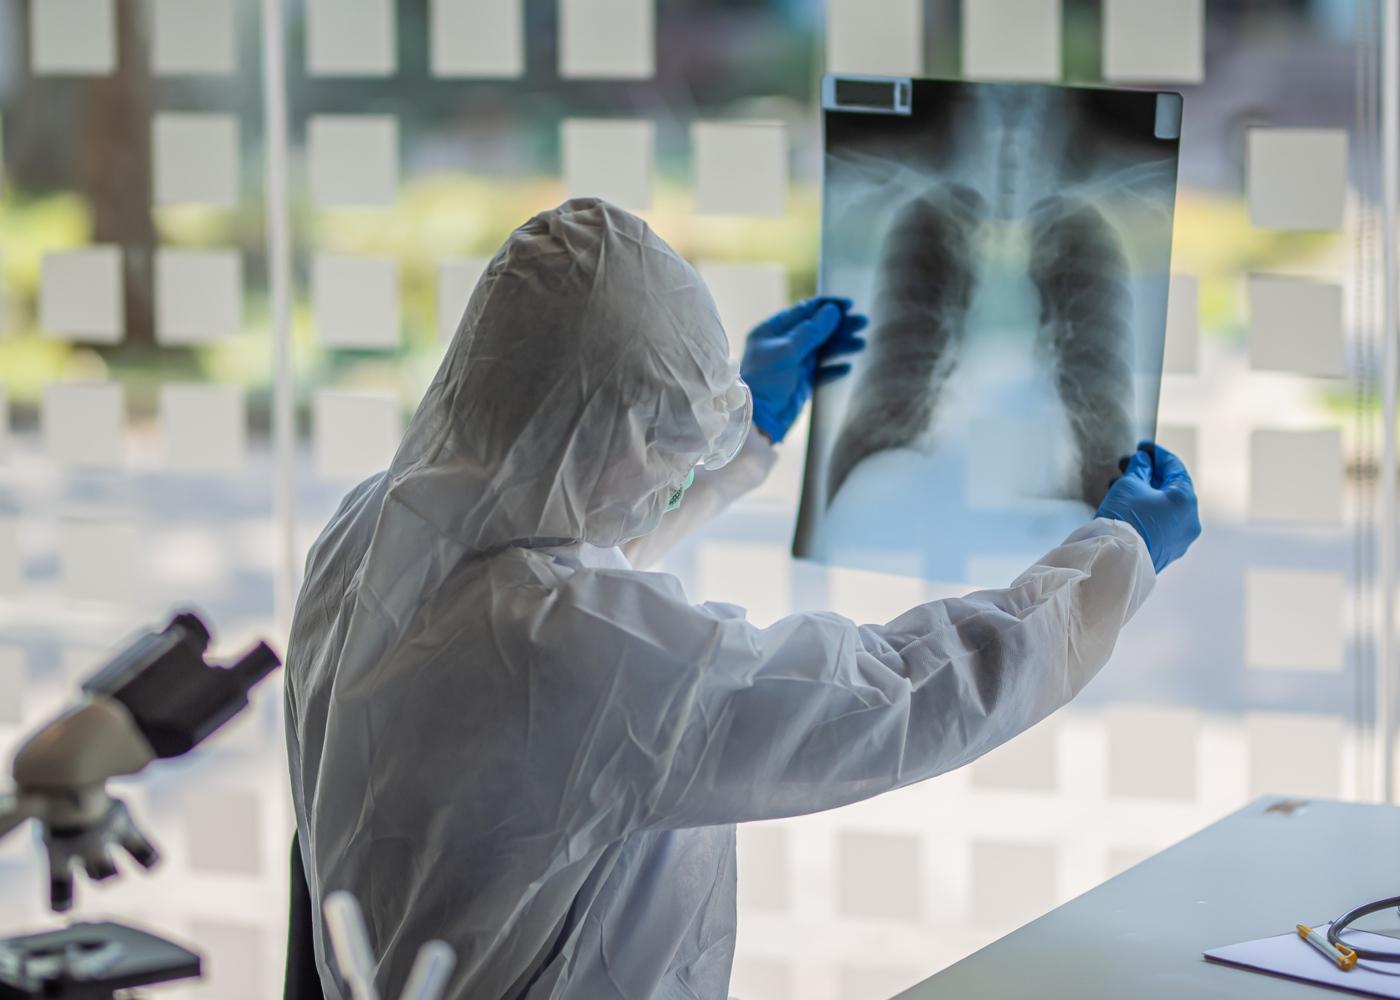 Profissional de saúde a analisar radiografia aos pulmões de doente com COVID-19